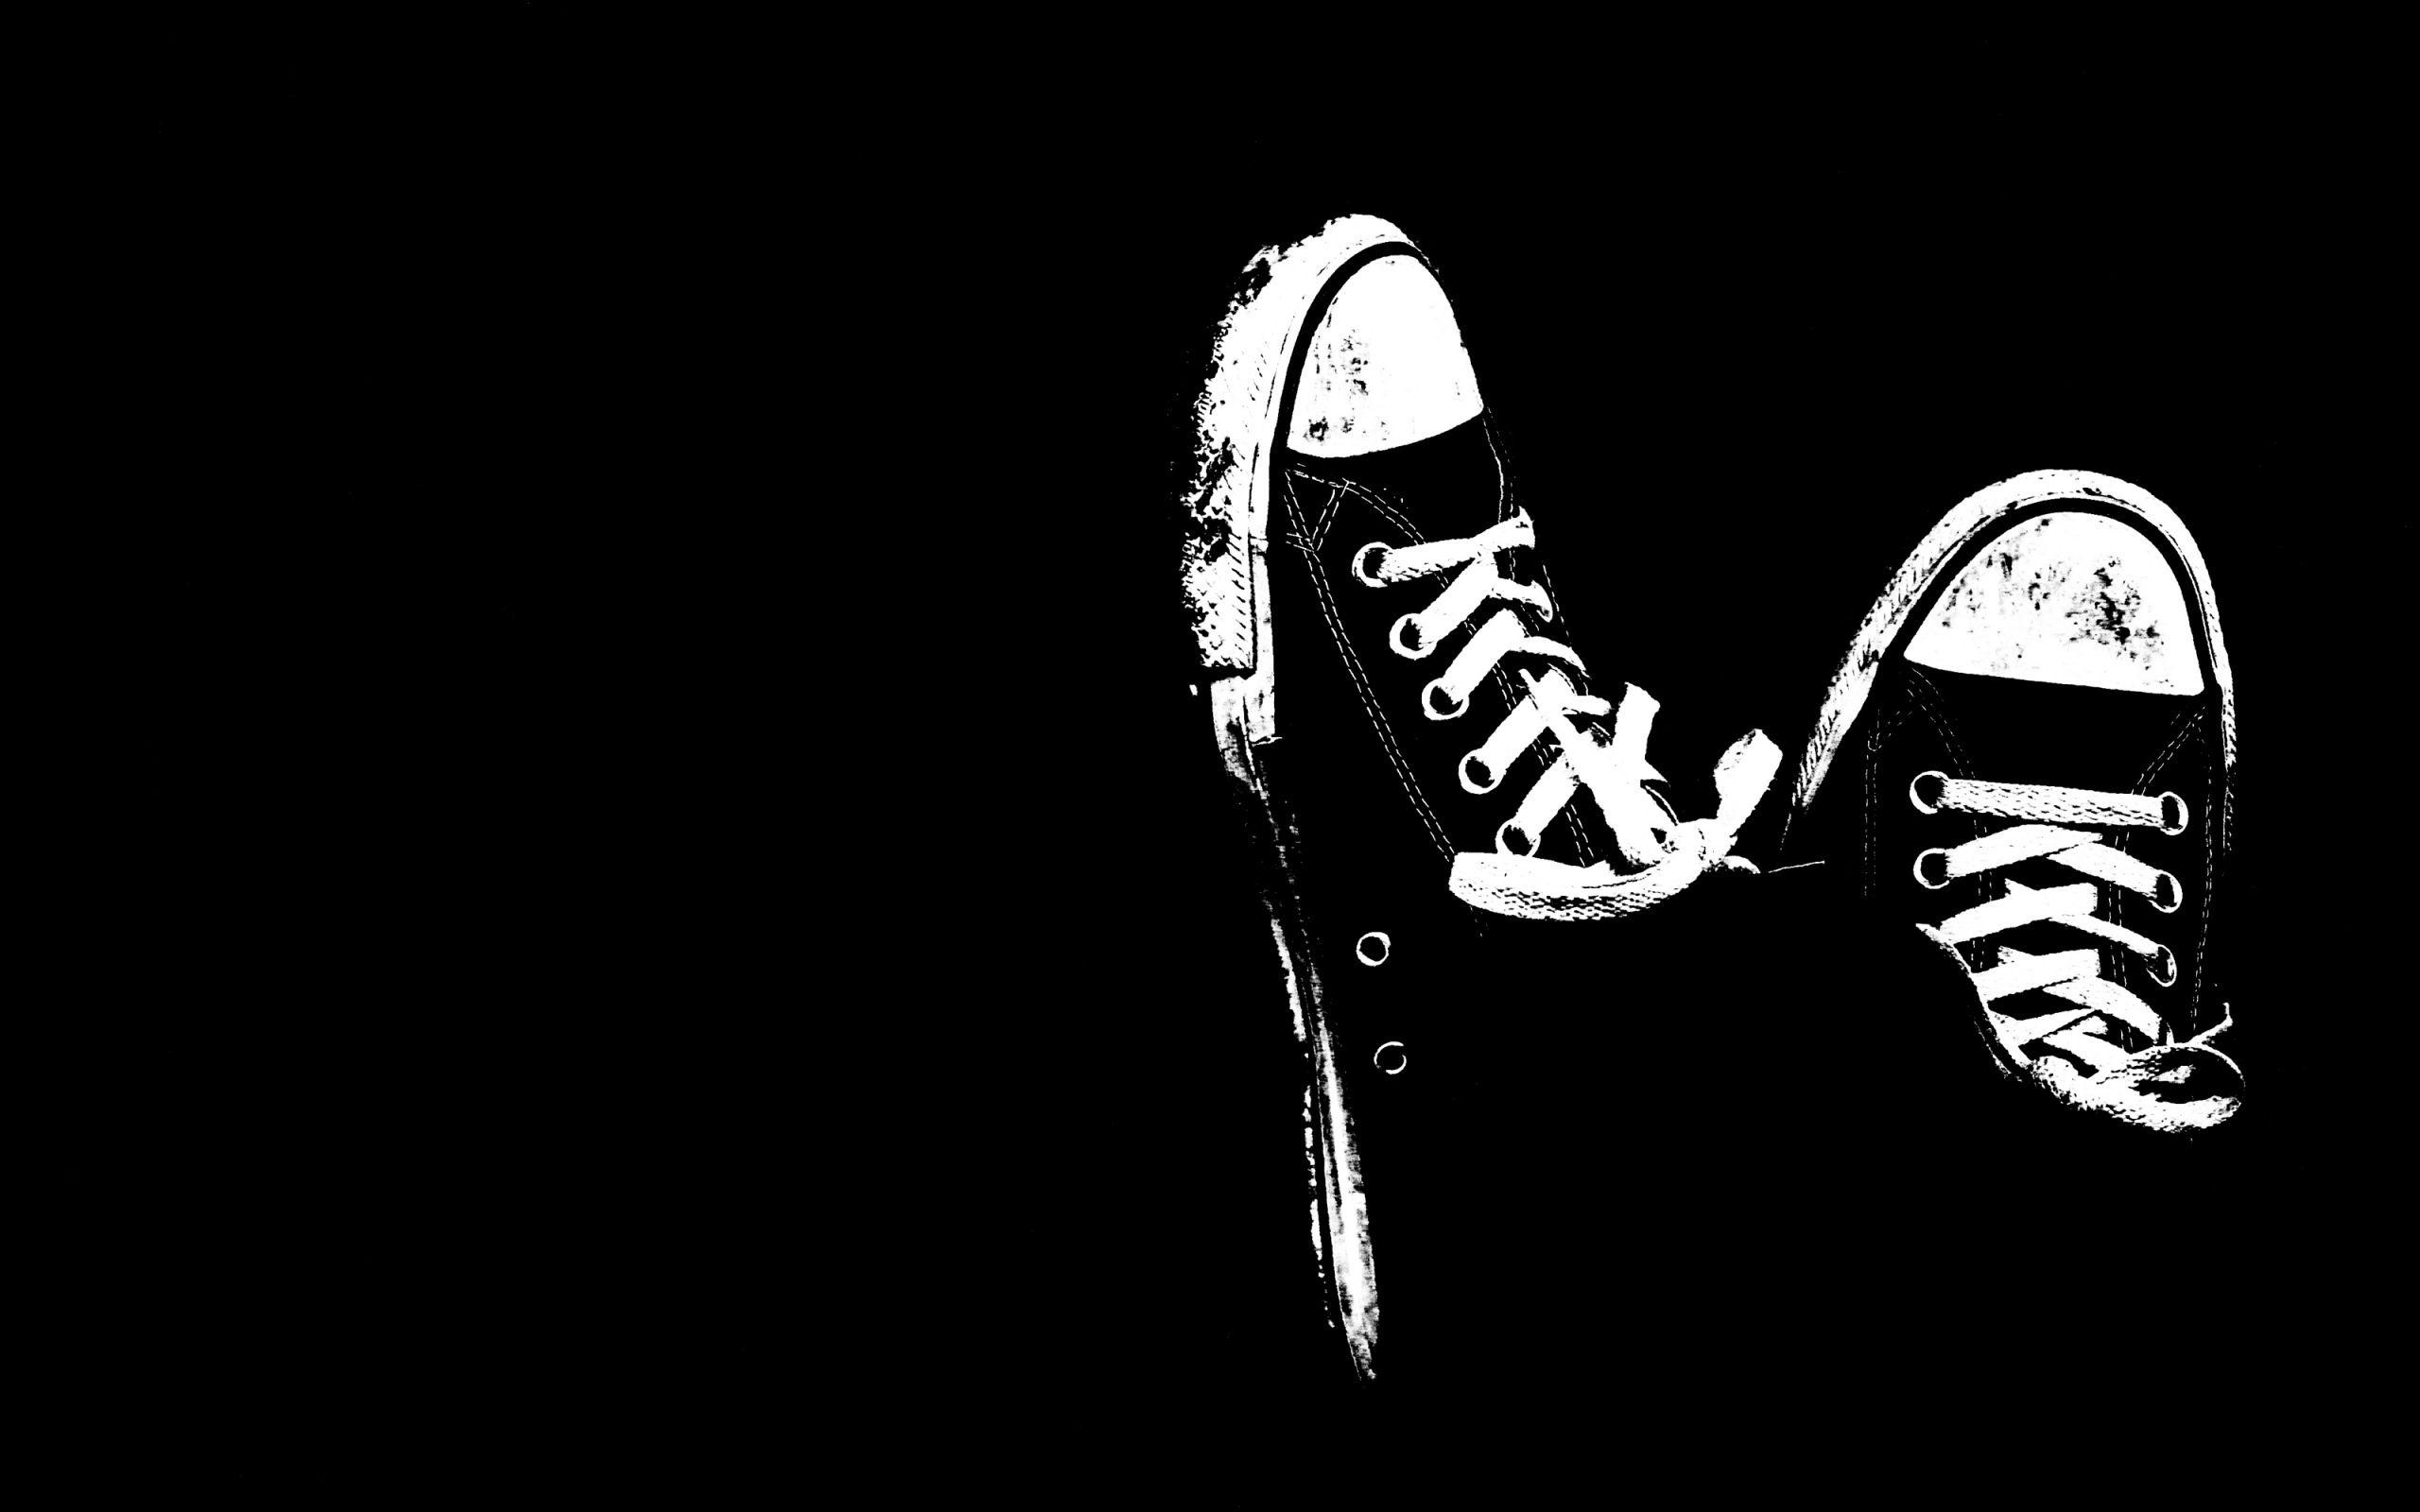 131162 Hintergrundbild herunterladen Vektor, Turnschuhe, Das Schwarze, Schuhe, Schnürsenkel - Bildschirmschoner und Bilder kostenlos